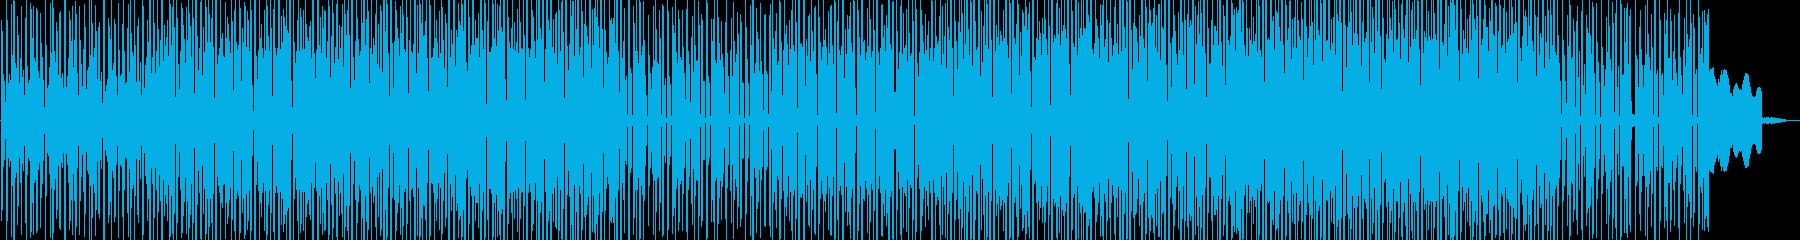 コミカルなエレクトロポップスの再生済みの波形